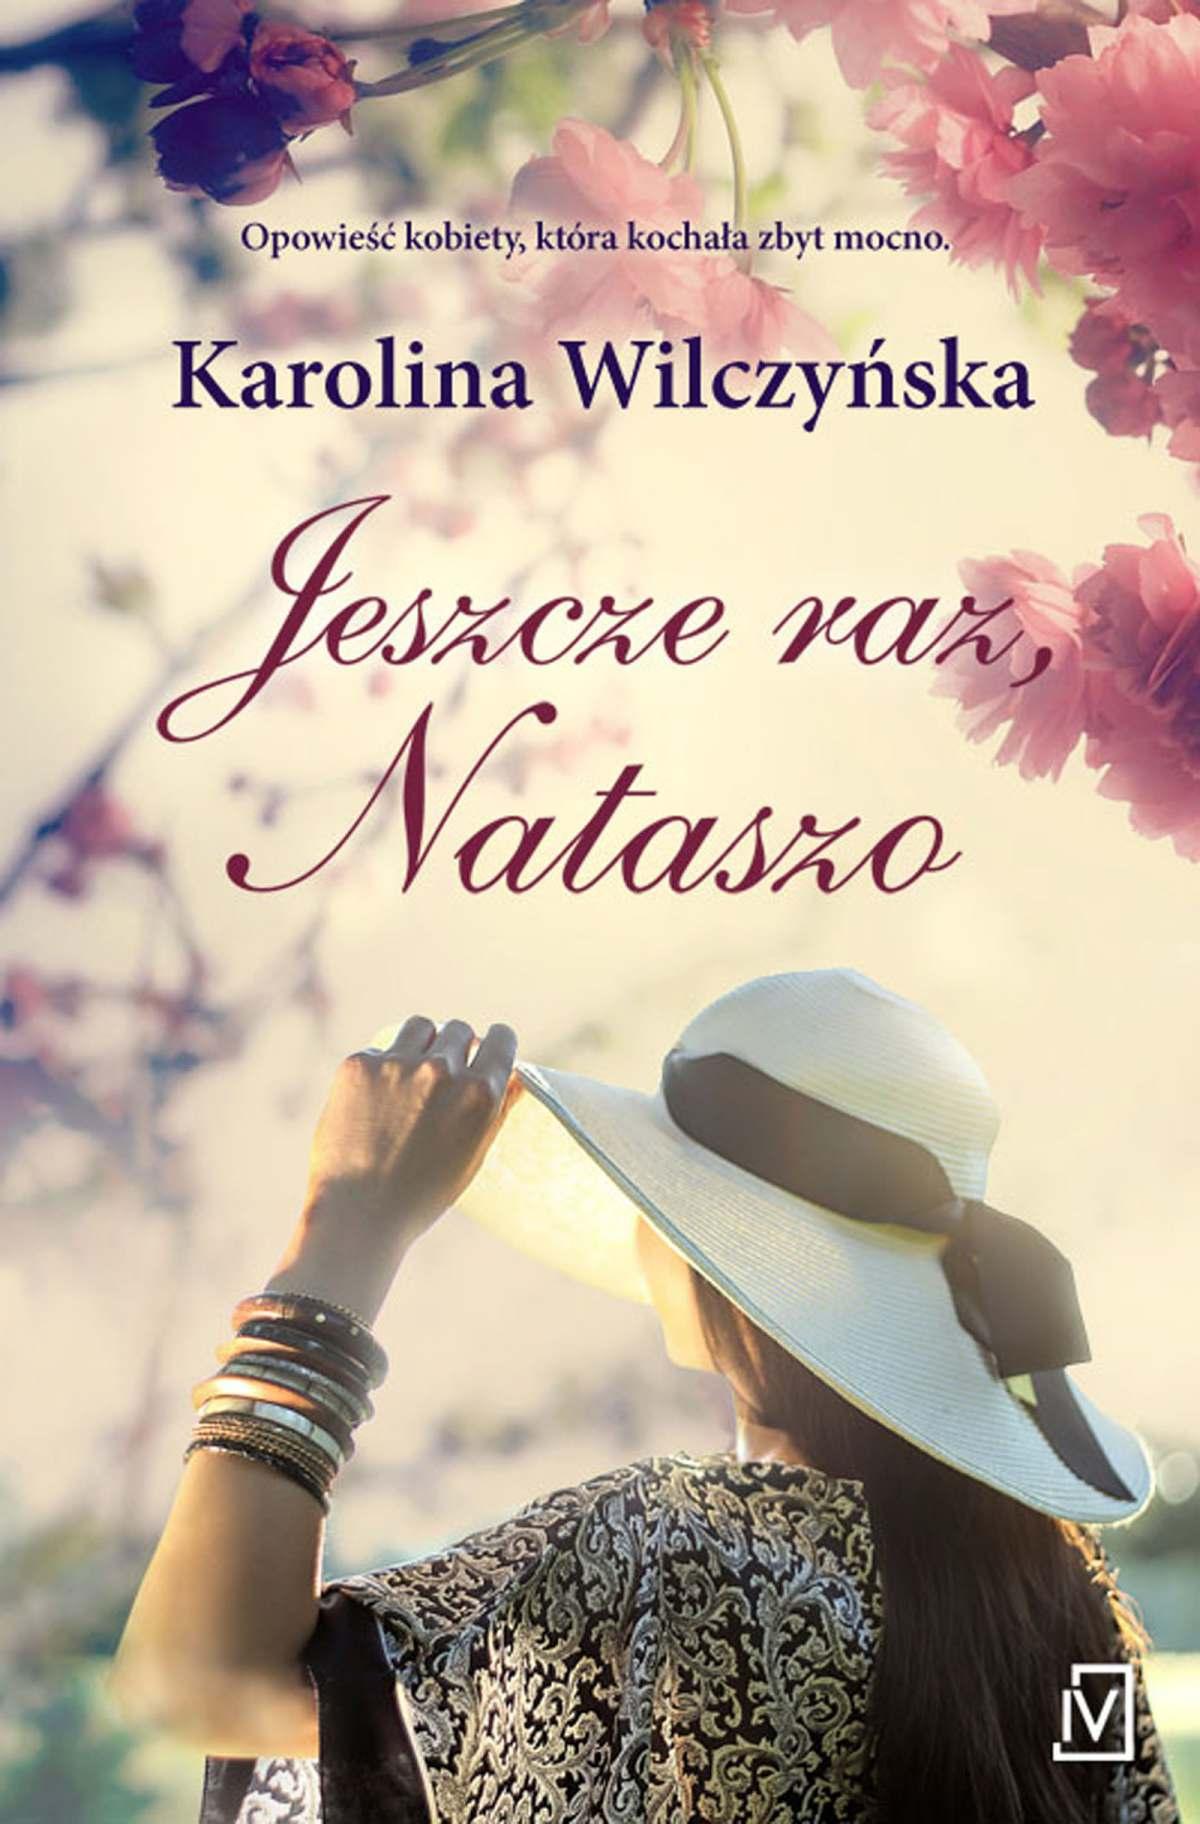 Jeszcze raz, Nataszo - Ebook (Książka EPUB) do pobrania w formacie EPUB